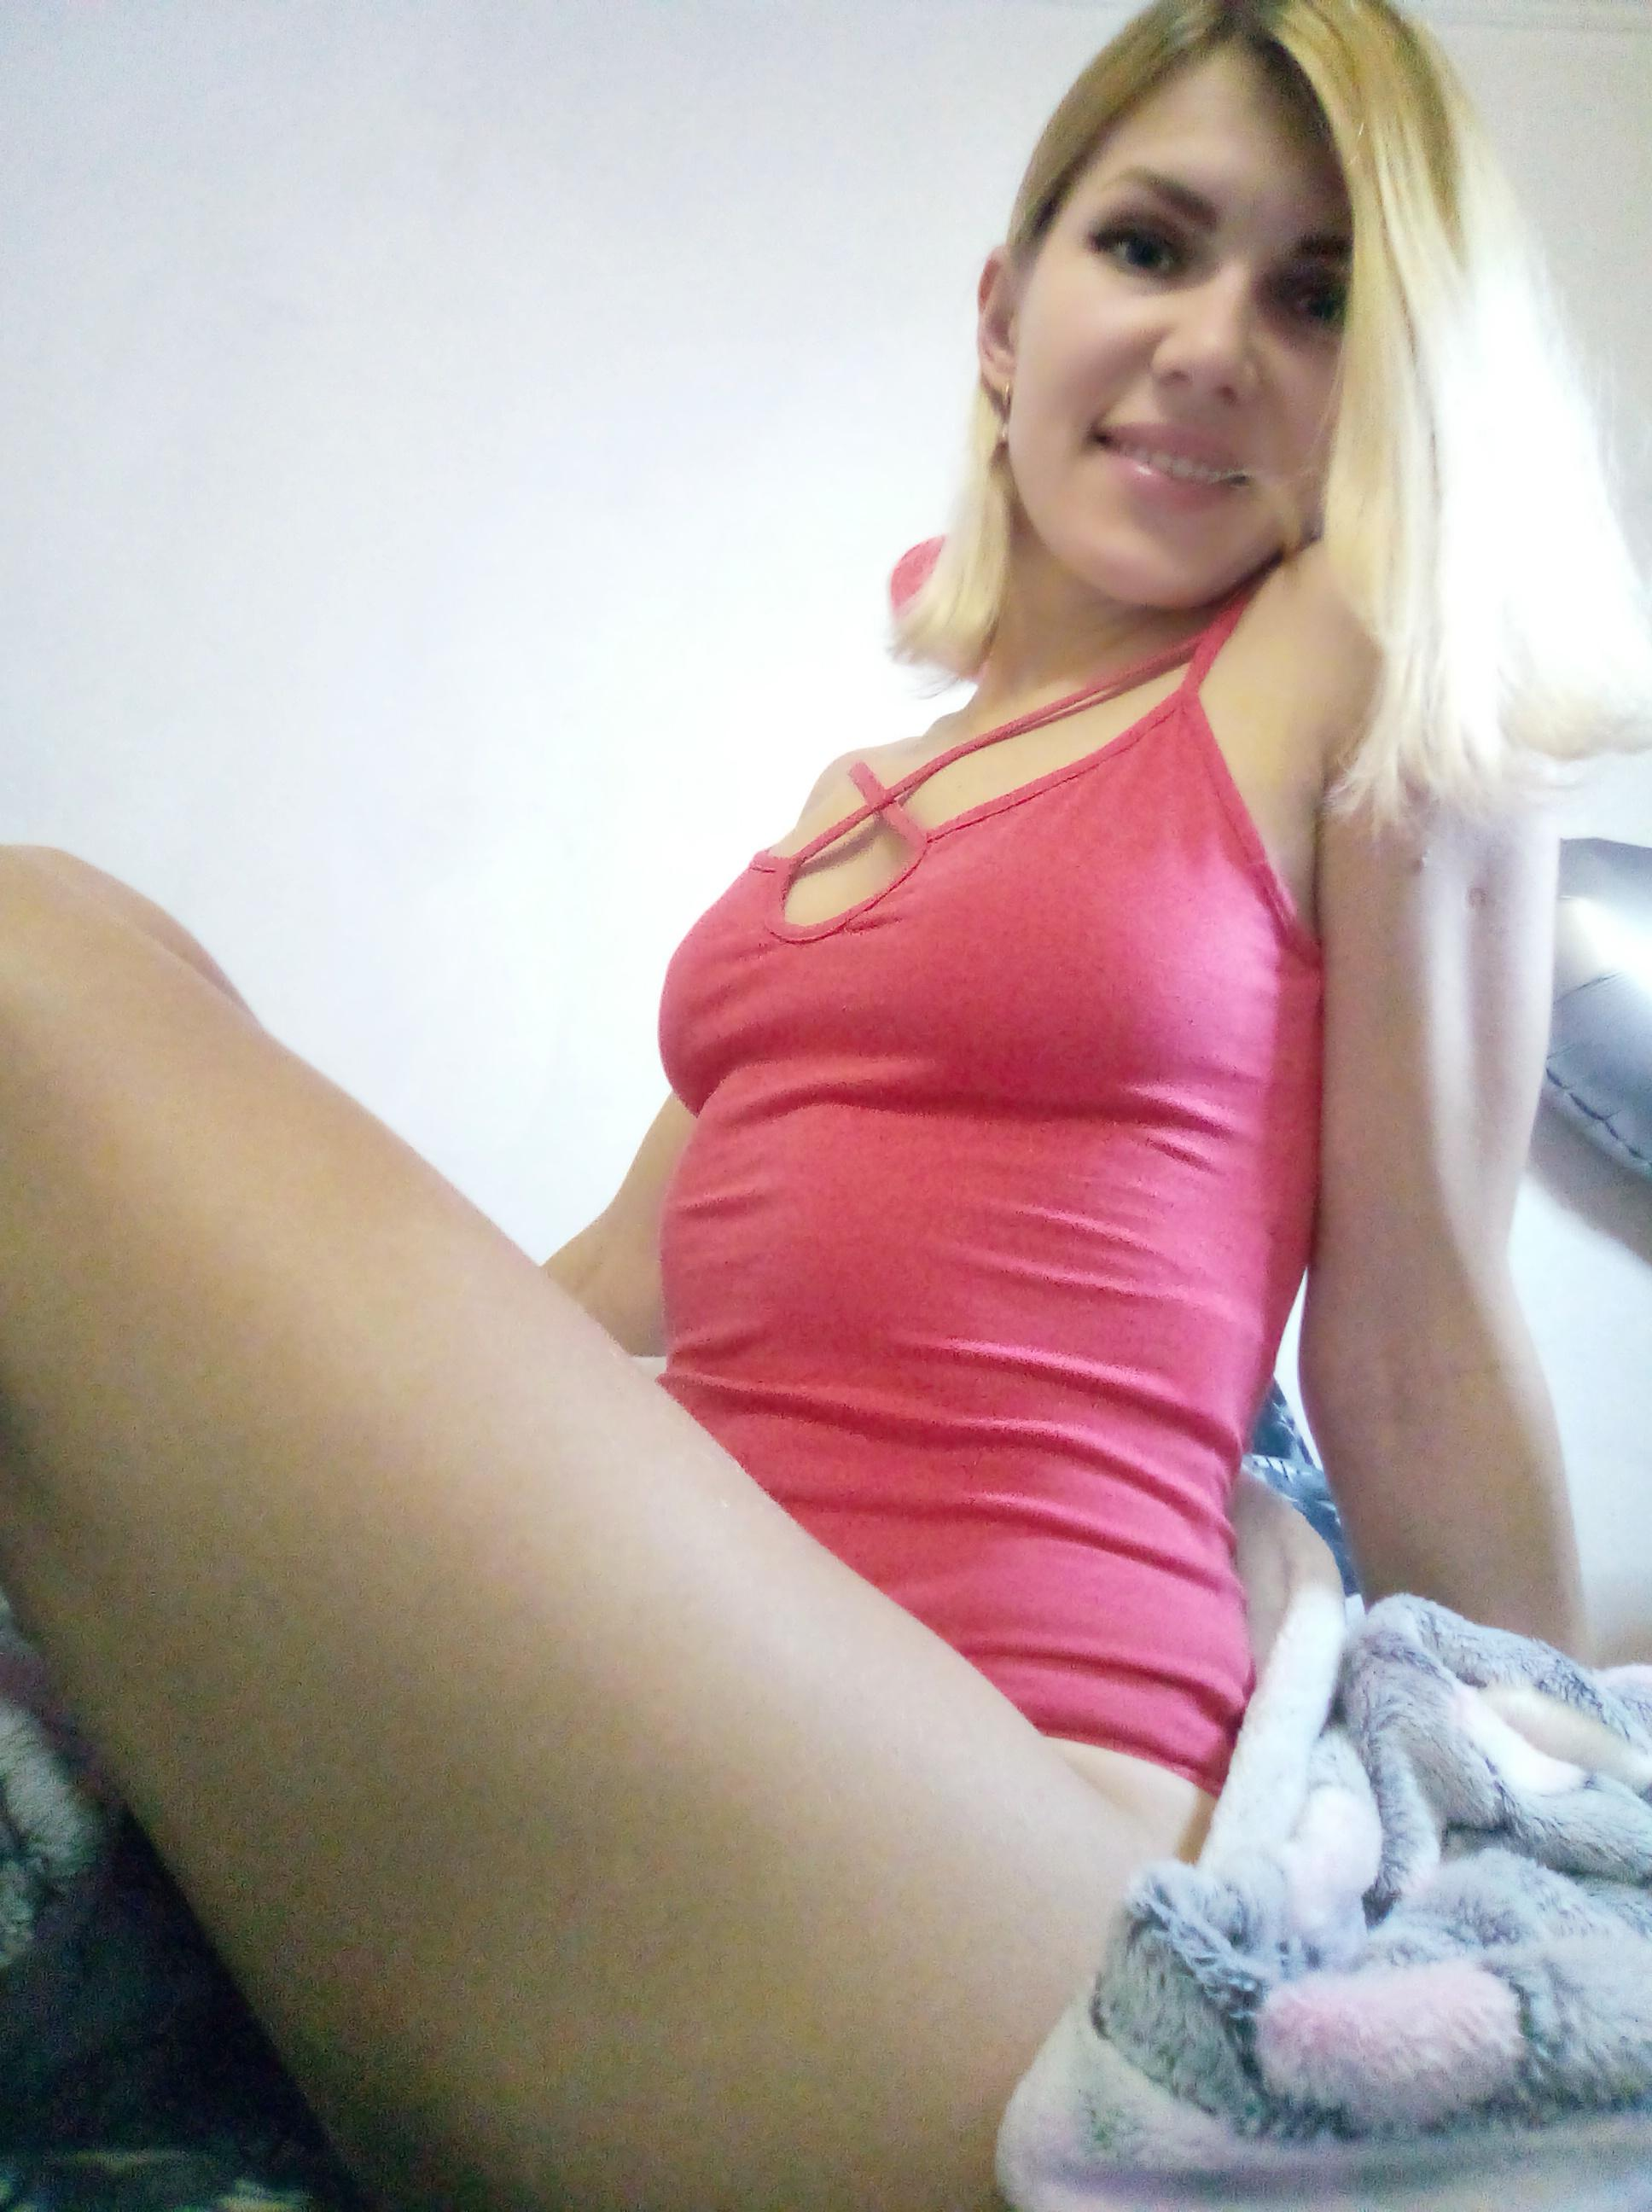 Luisa key hot?s=xy+6thnllaewb93wymqgkgdrajfolfmeb7qupic742o=